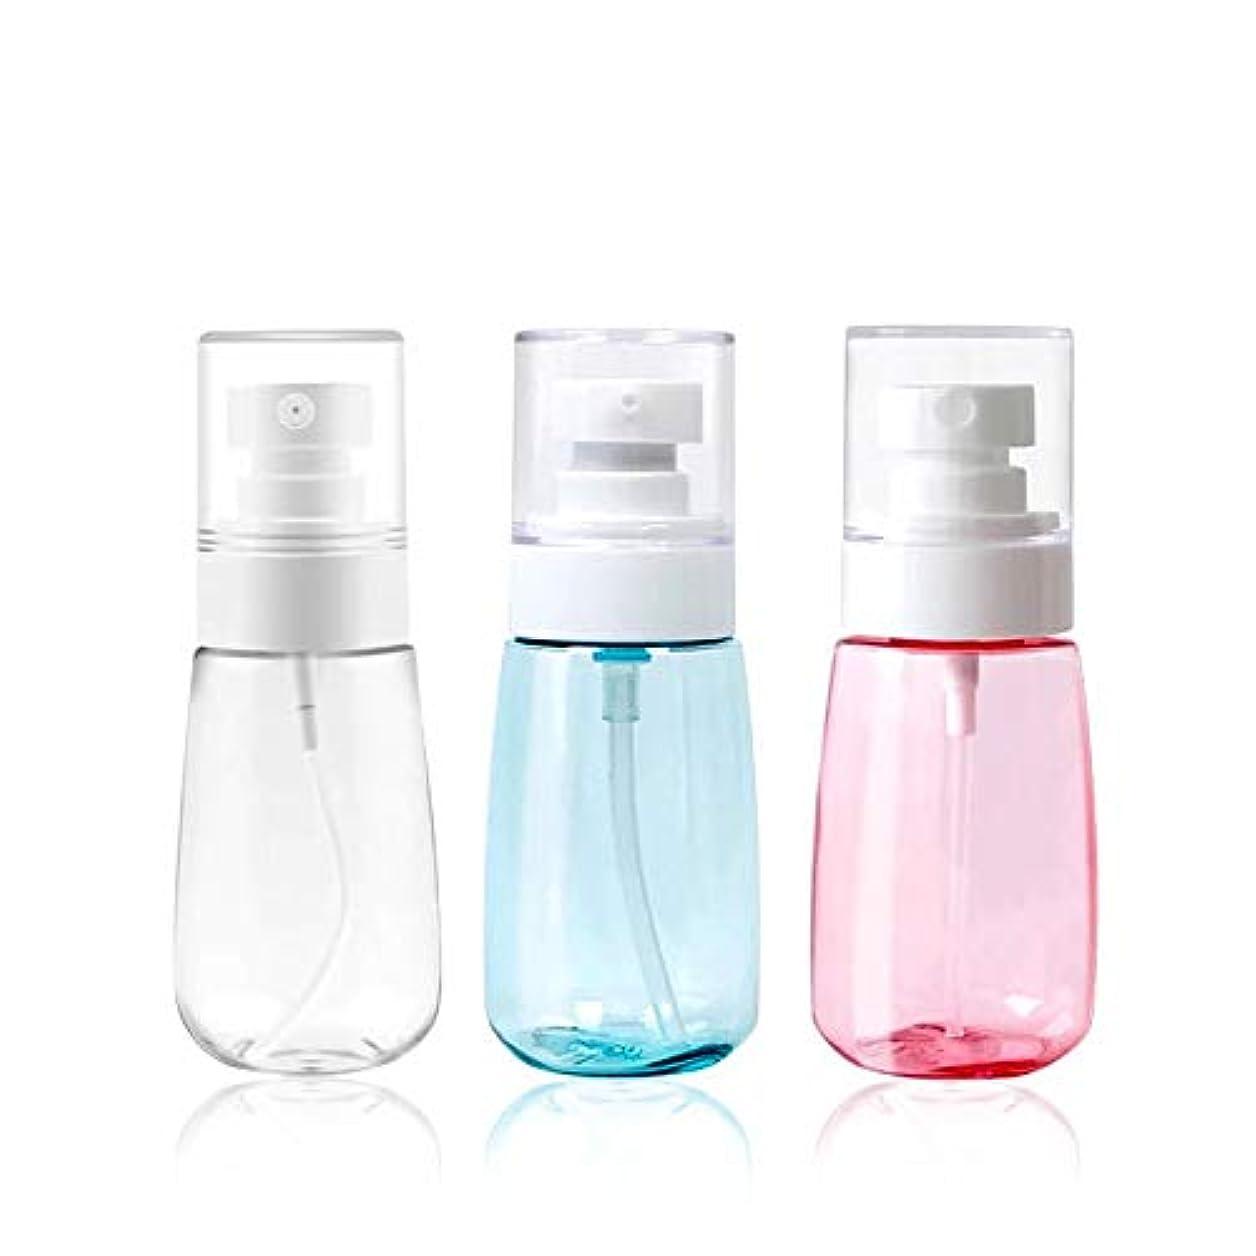 駐地理論的モーション3本入りエコPET製スプレーボルト 透明プラスチック化粧水用詰め替えボトル 旅行用の霧吹き アルコール消毒用小分け容器 アトマイザー (60ML 3色セット)